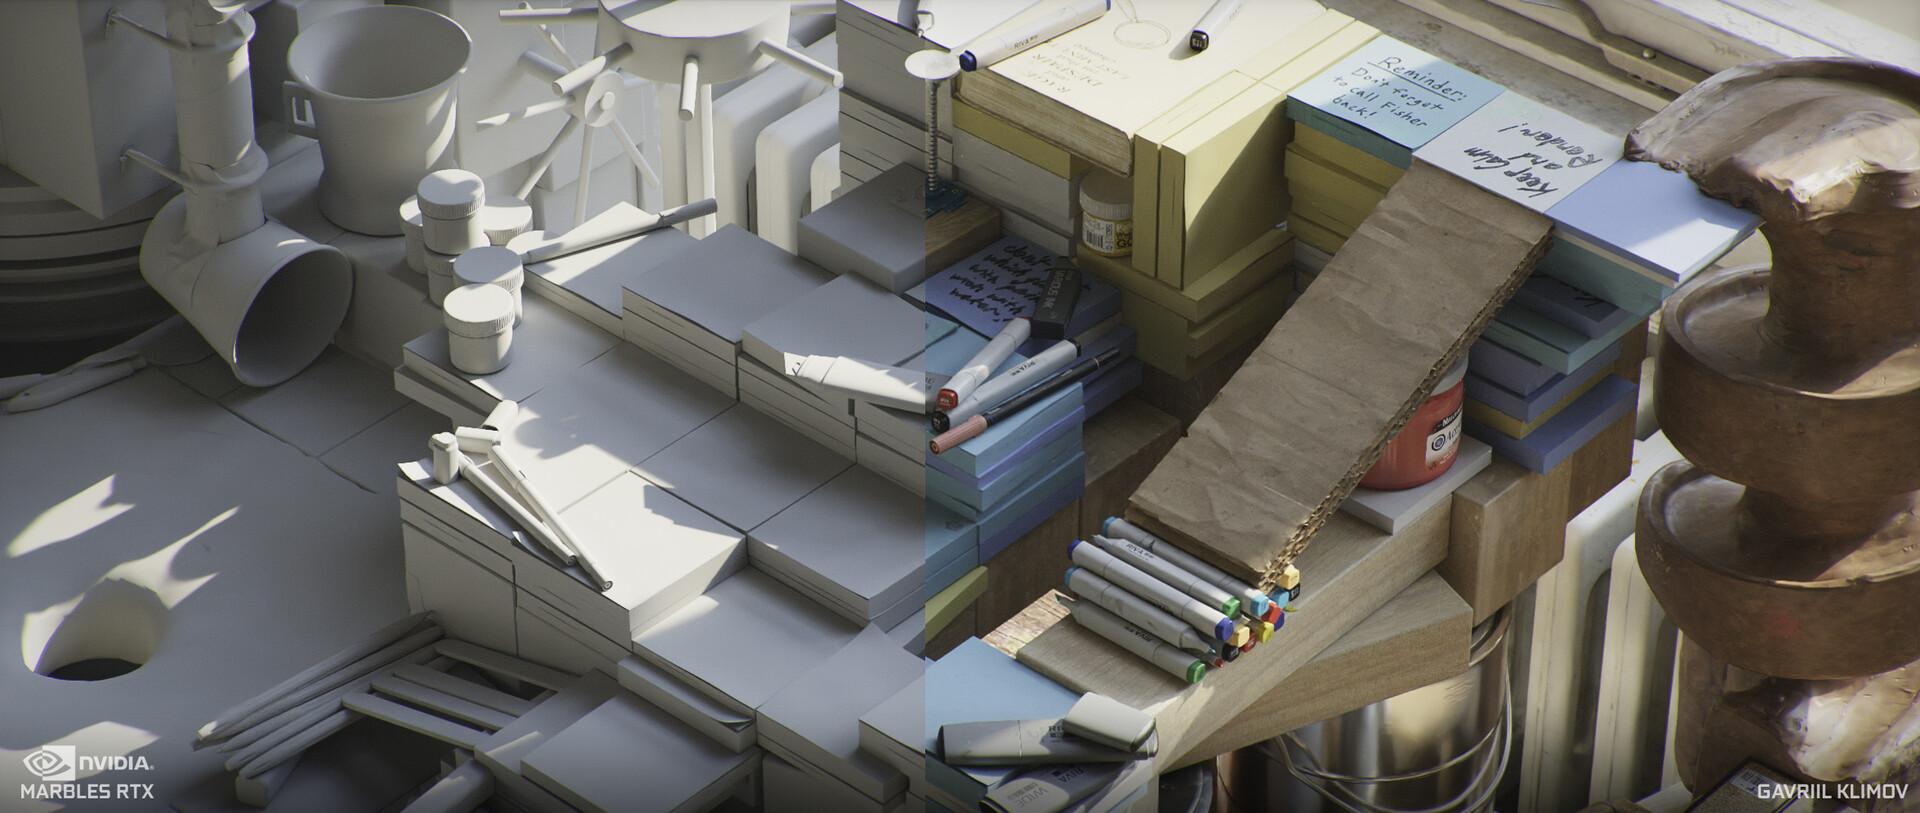 Демо Marbles с трассировкой лучей от Nvidia неотличимо от реальности